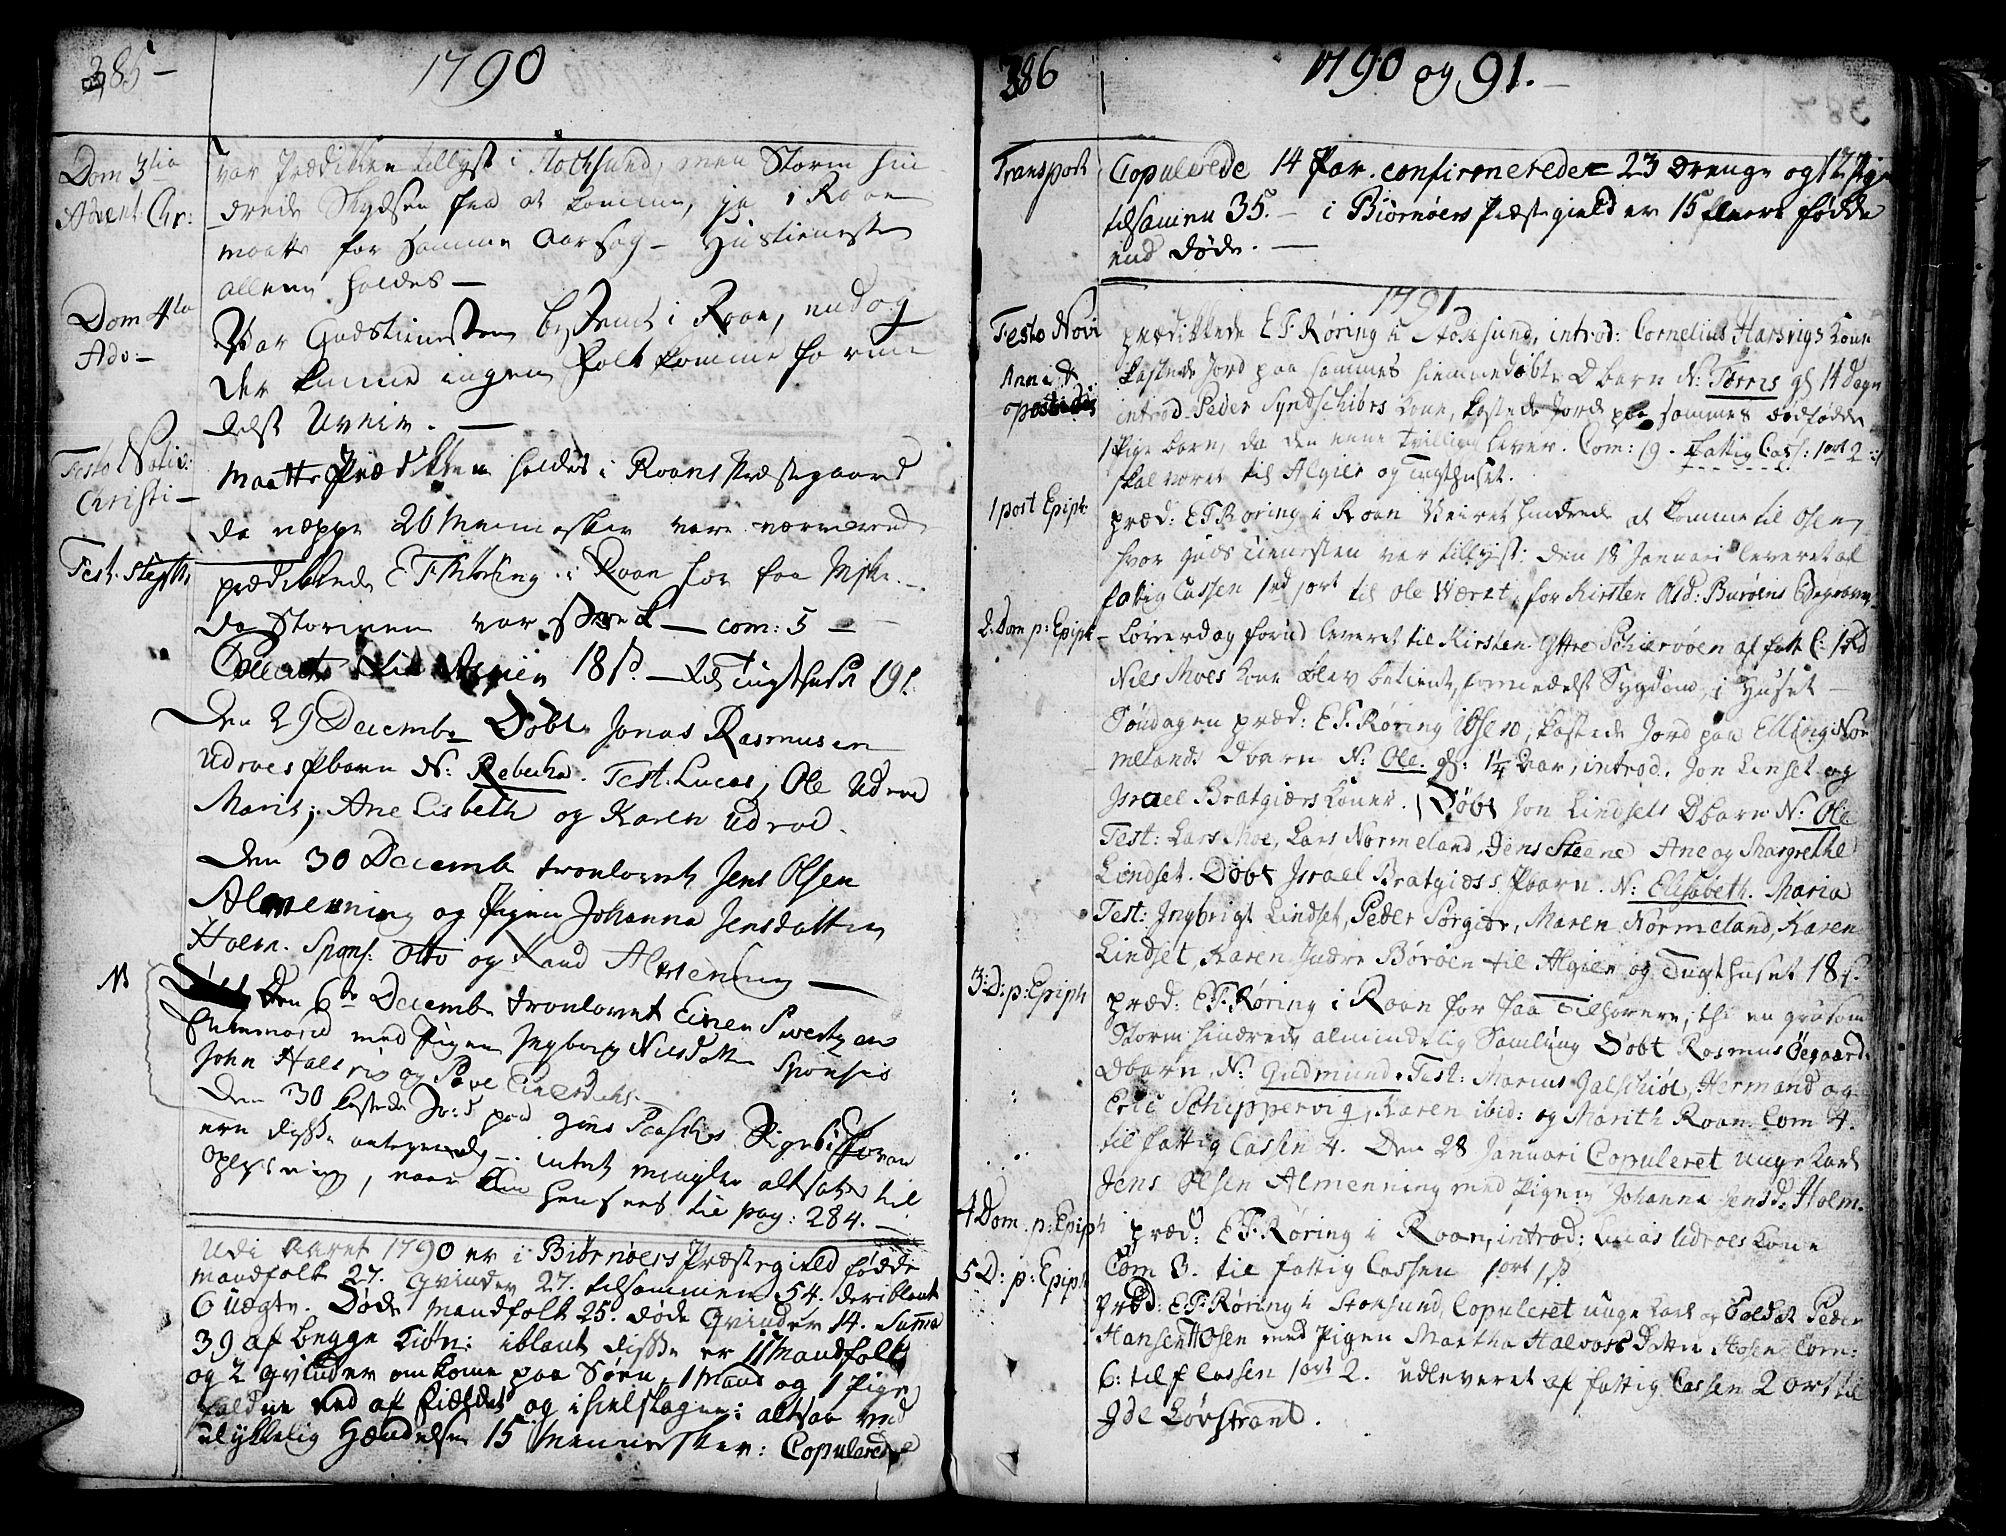 SAT, Ministerialprotokoller, klokkerbøker og fødselsregistre - Sør-Trøndelag, 657/L0700: Ministerialbok nr. 657A01, 1732-1801, s. 385-386